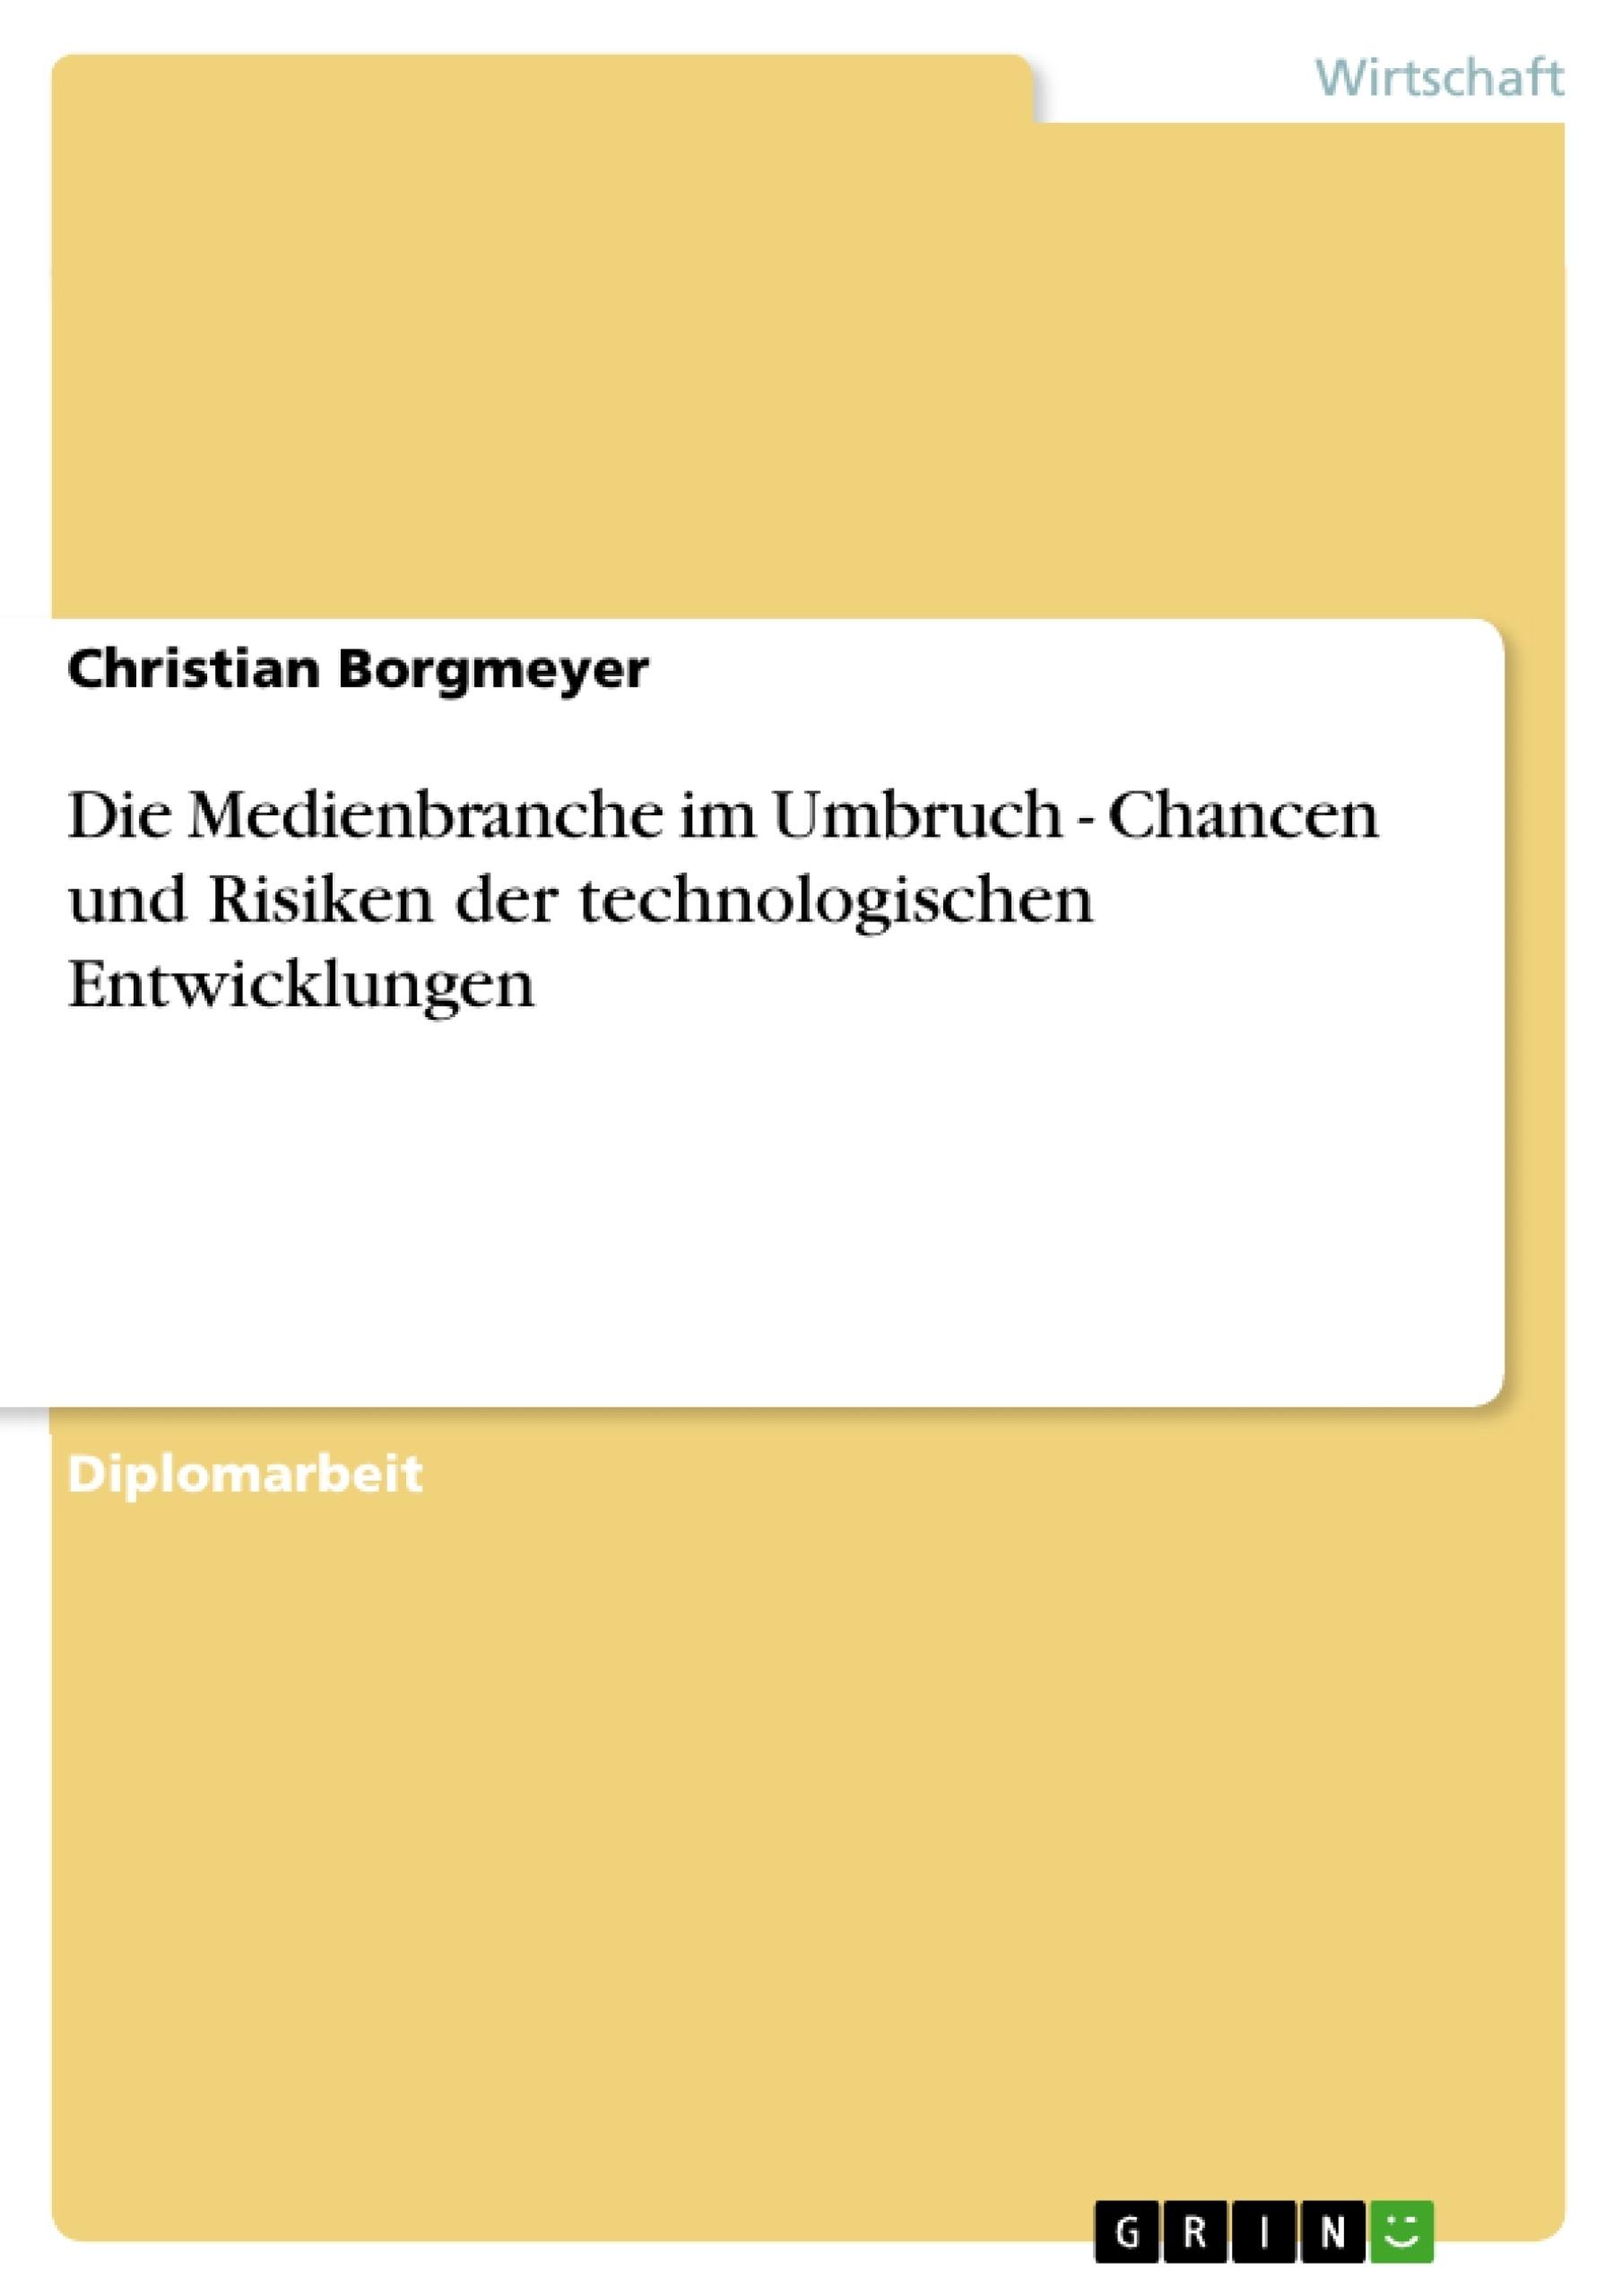 Titel: Die Medienbranche im Umbruch - Chancen und Risiken der technologischen Entwicklungen